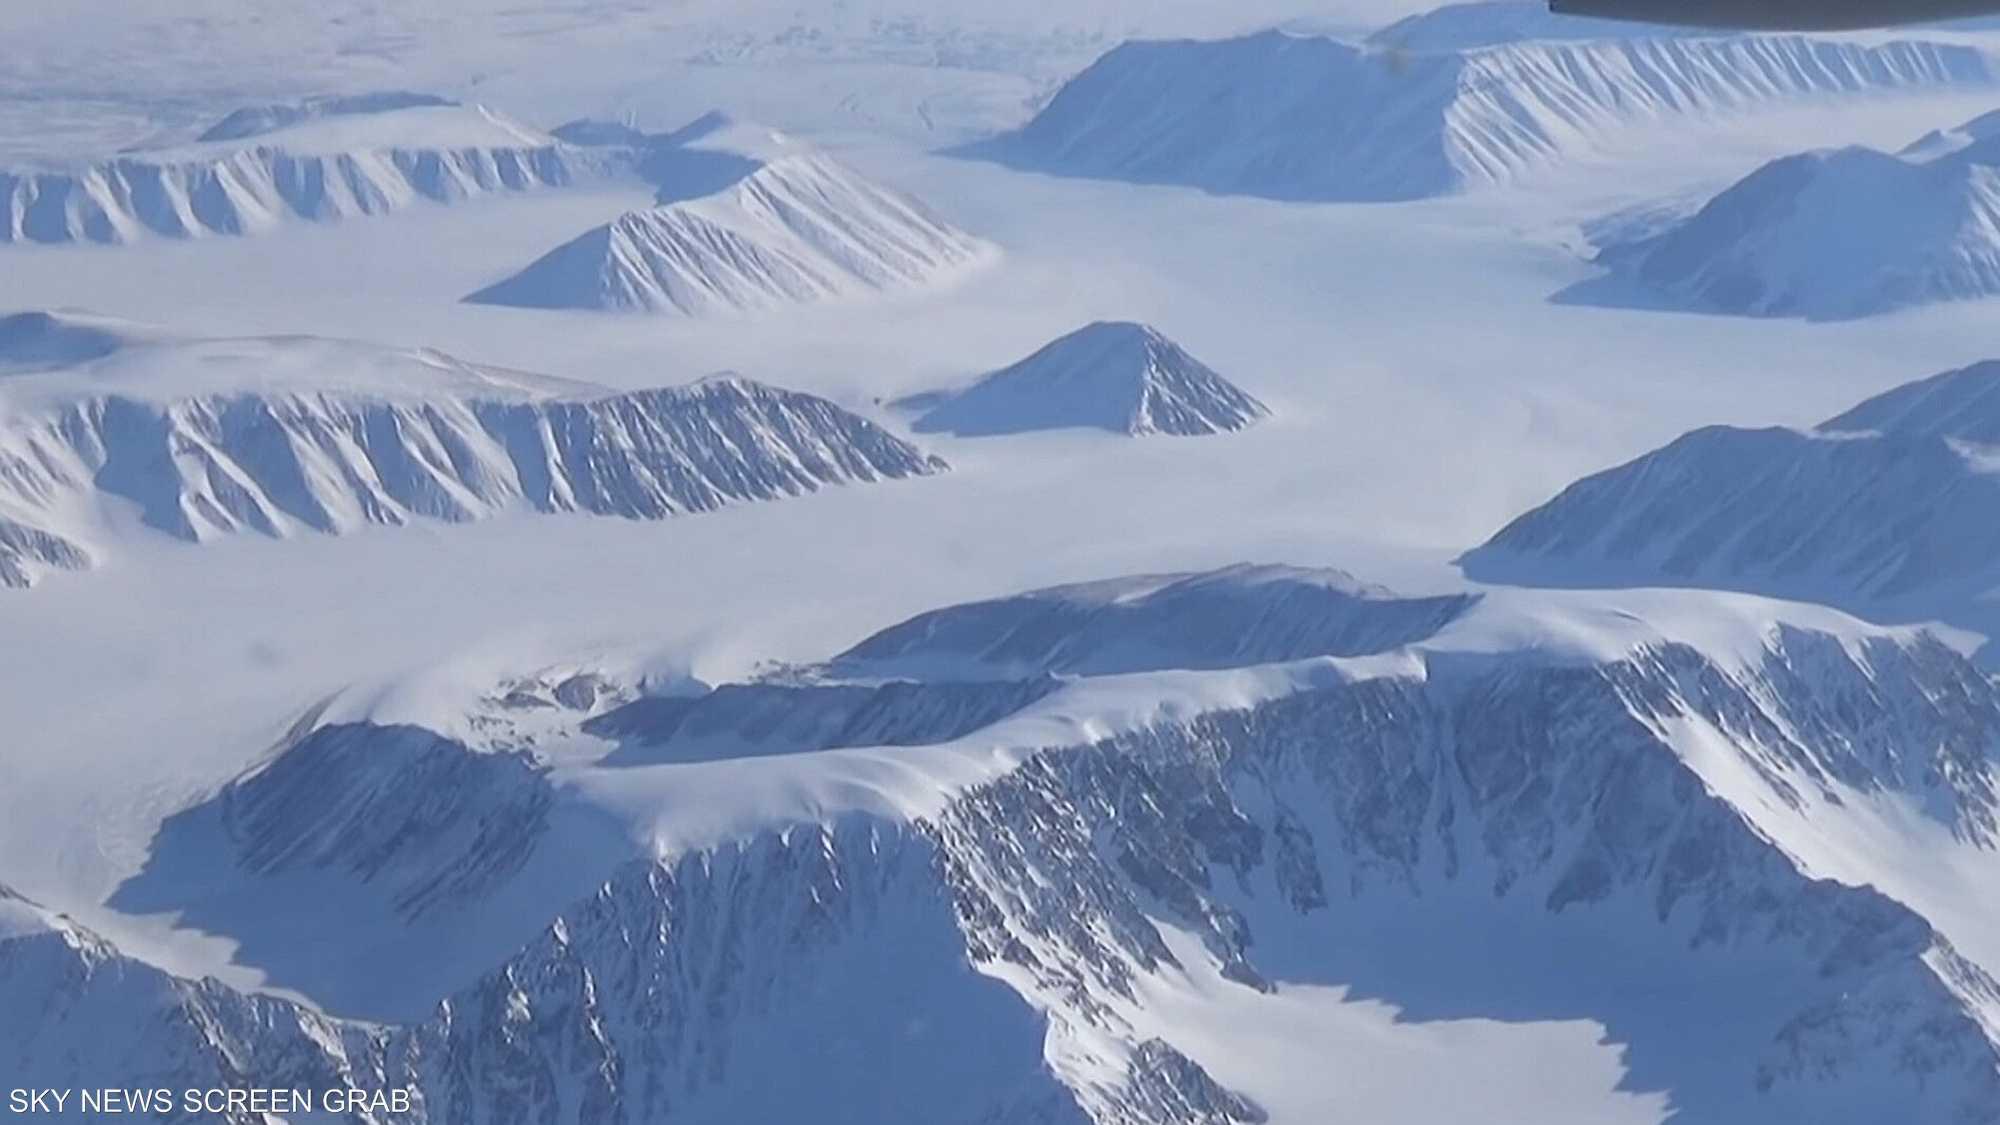 تحديات بيئية تواجه القطب الشمالي وتهدد مصير العالم